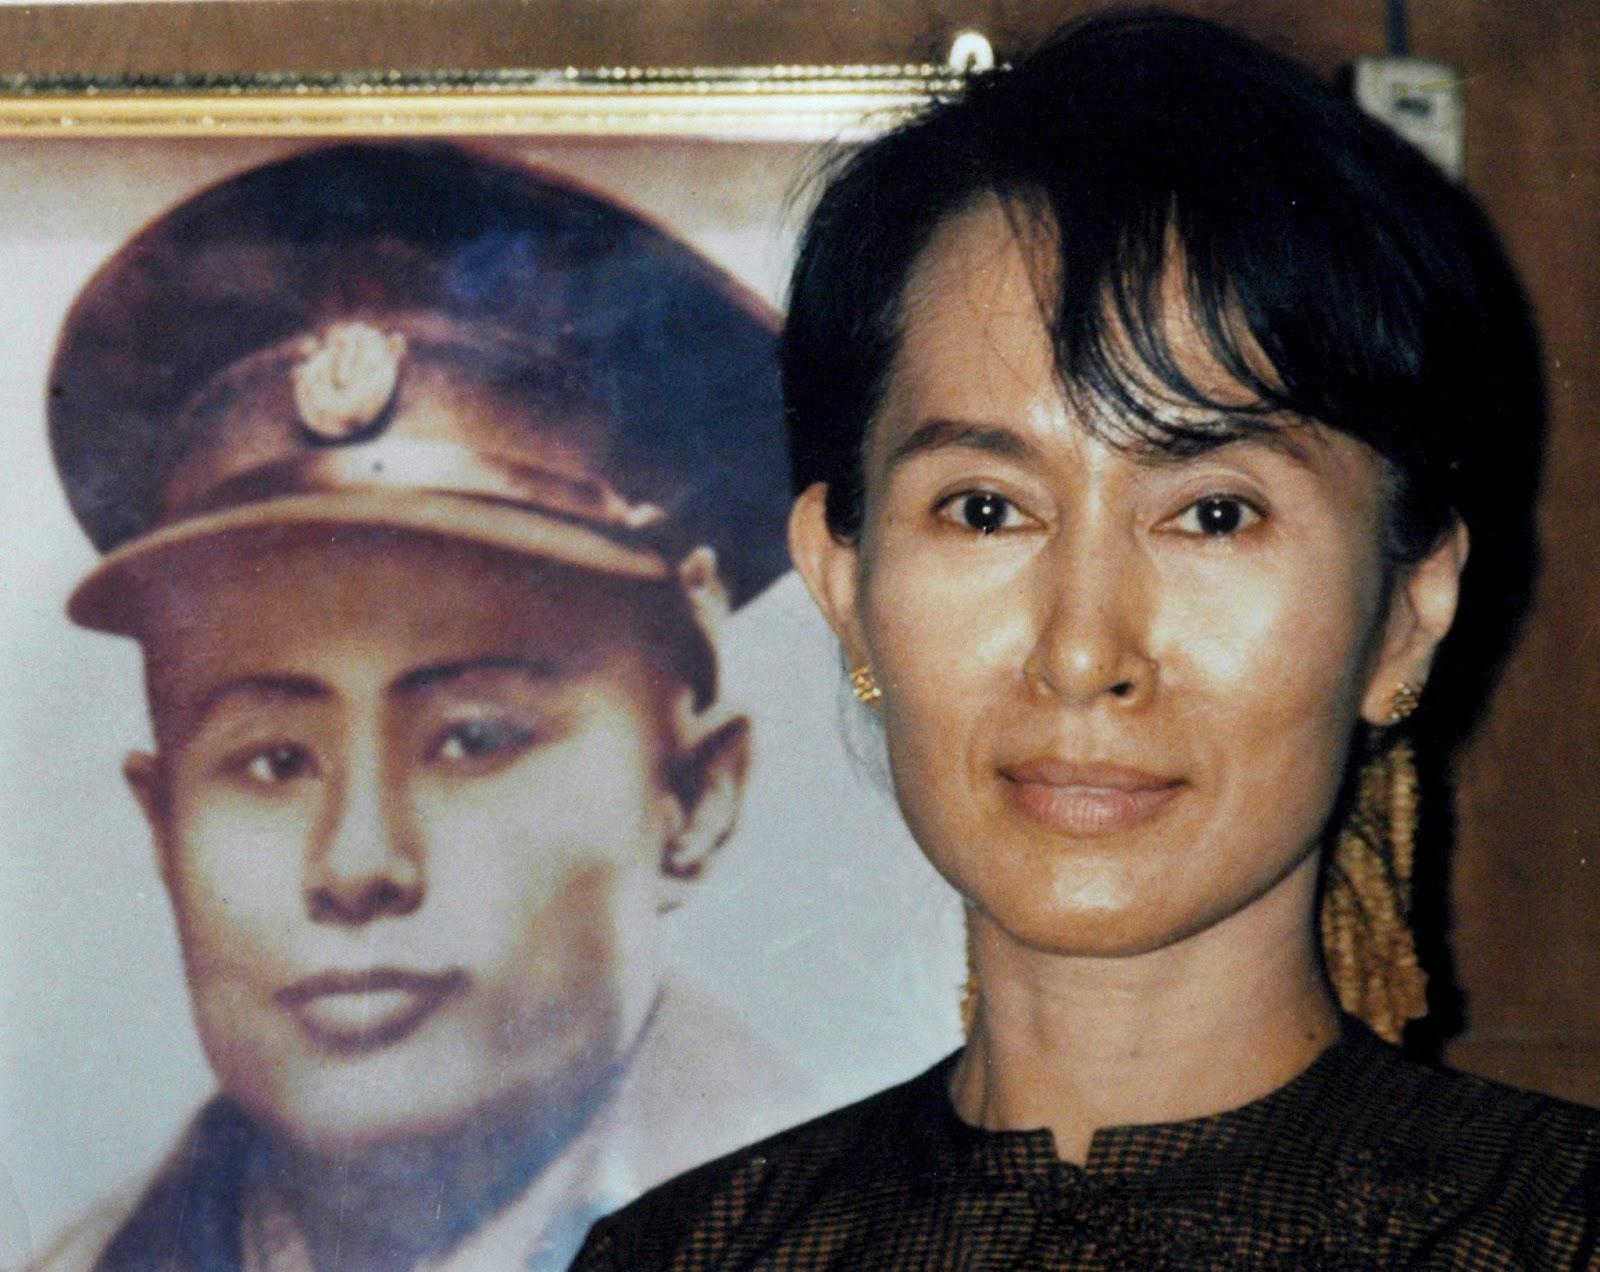 Mira Lo Que Encontre Una Frase De La Lady Aung San Suu Kyi